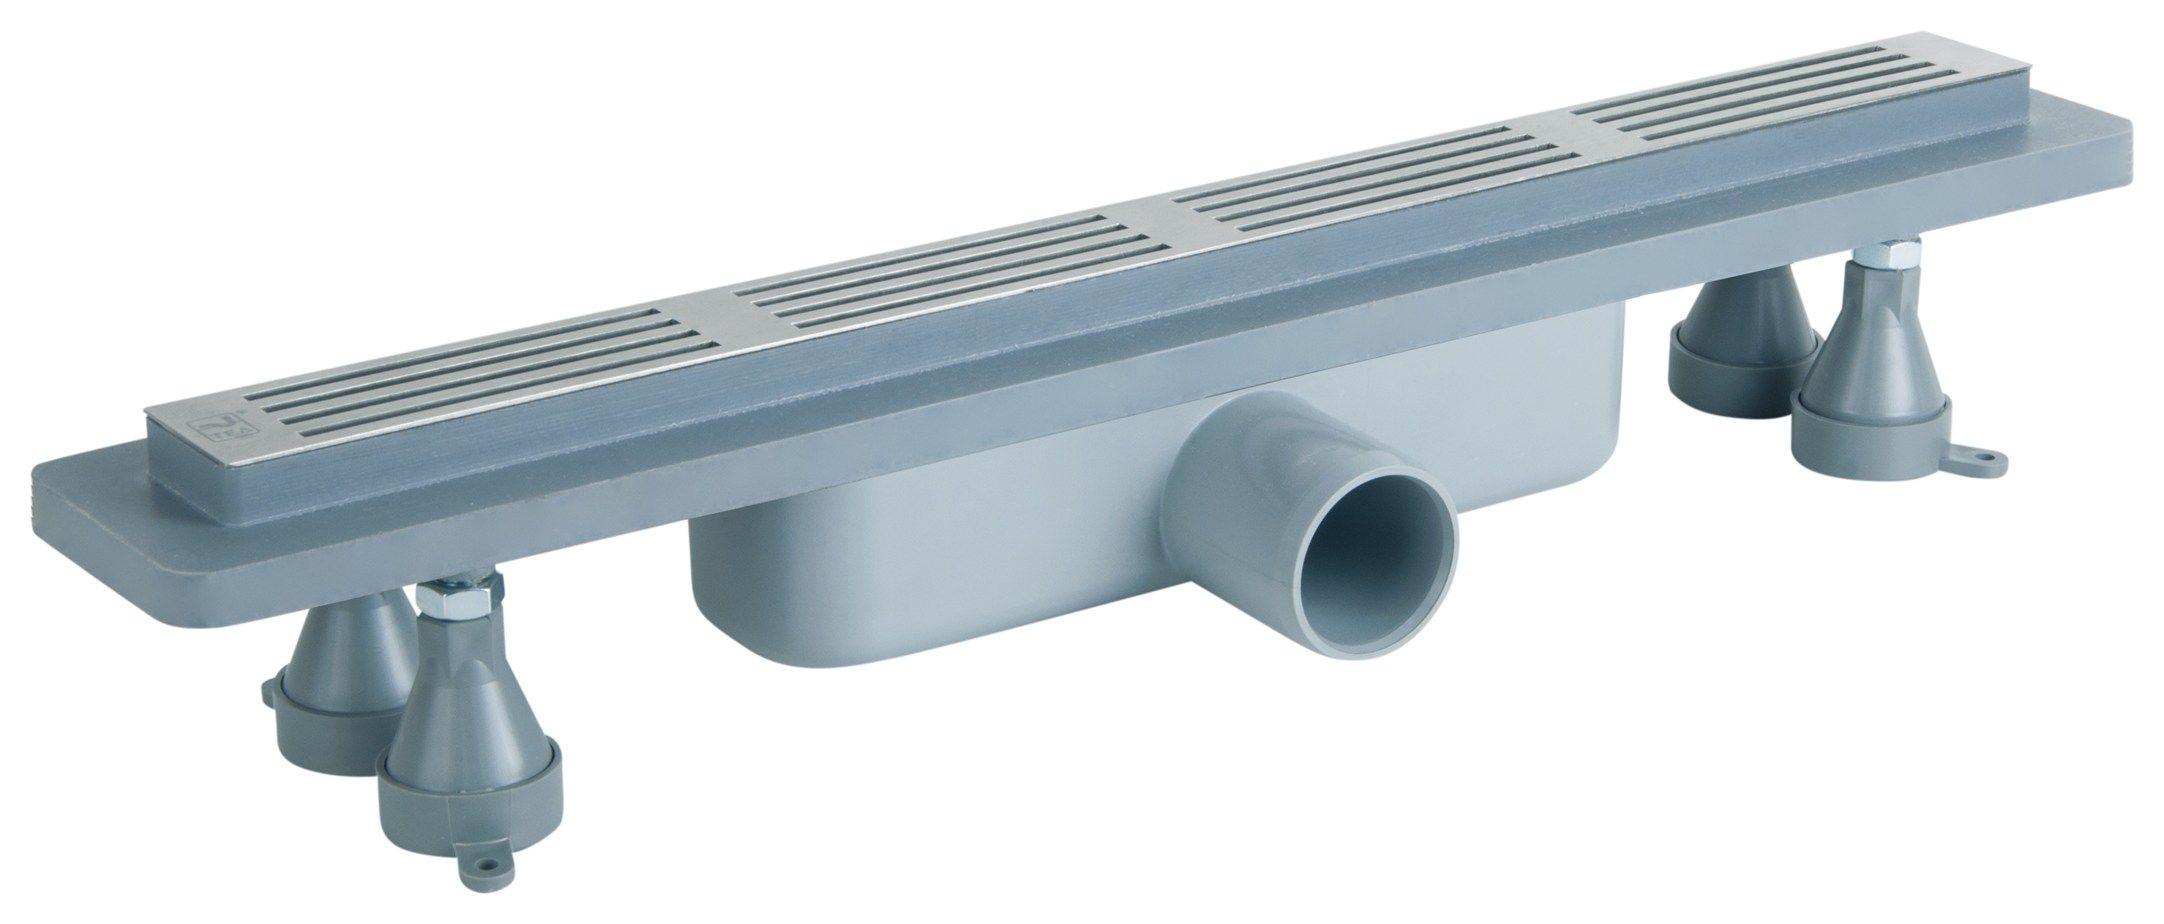 Basicflow, la caditoia a pavimento compatta per docce e zone wellness